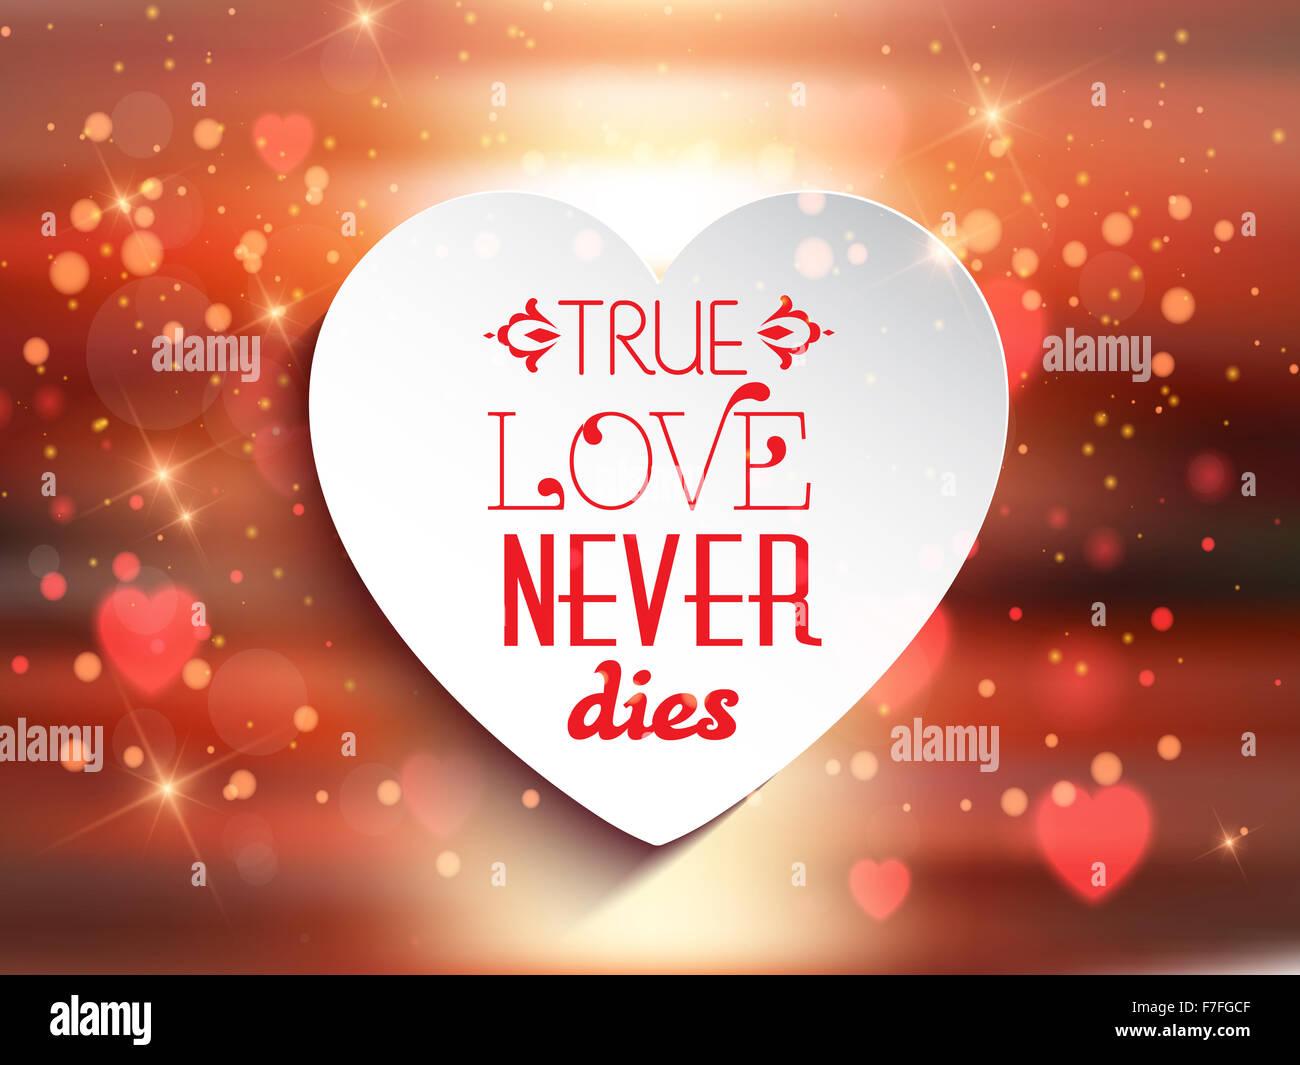 Arrière Plan De La Saint Valentin Avec Les Mots True Love Never Dies